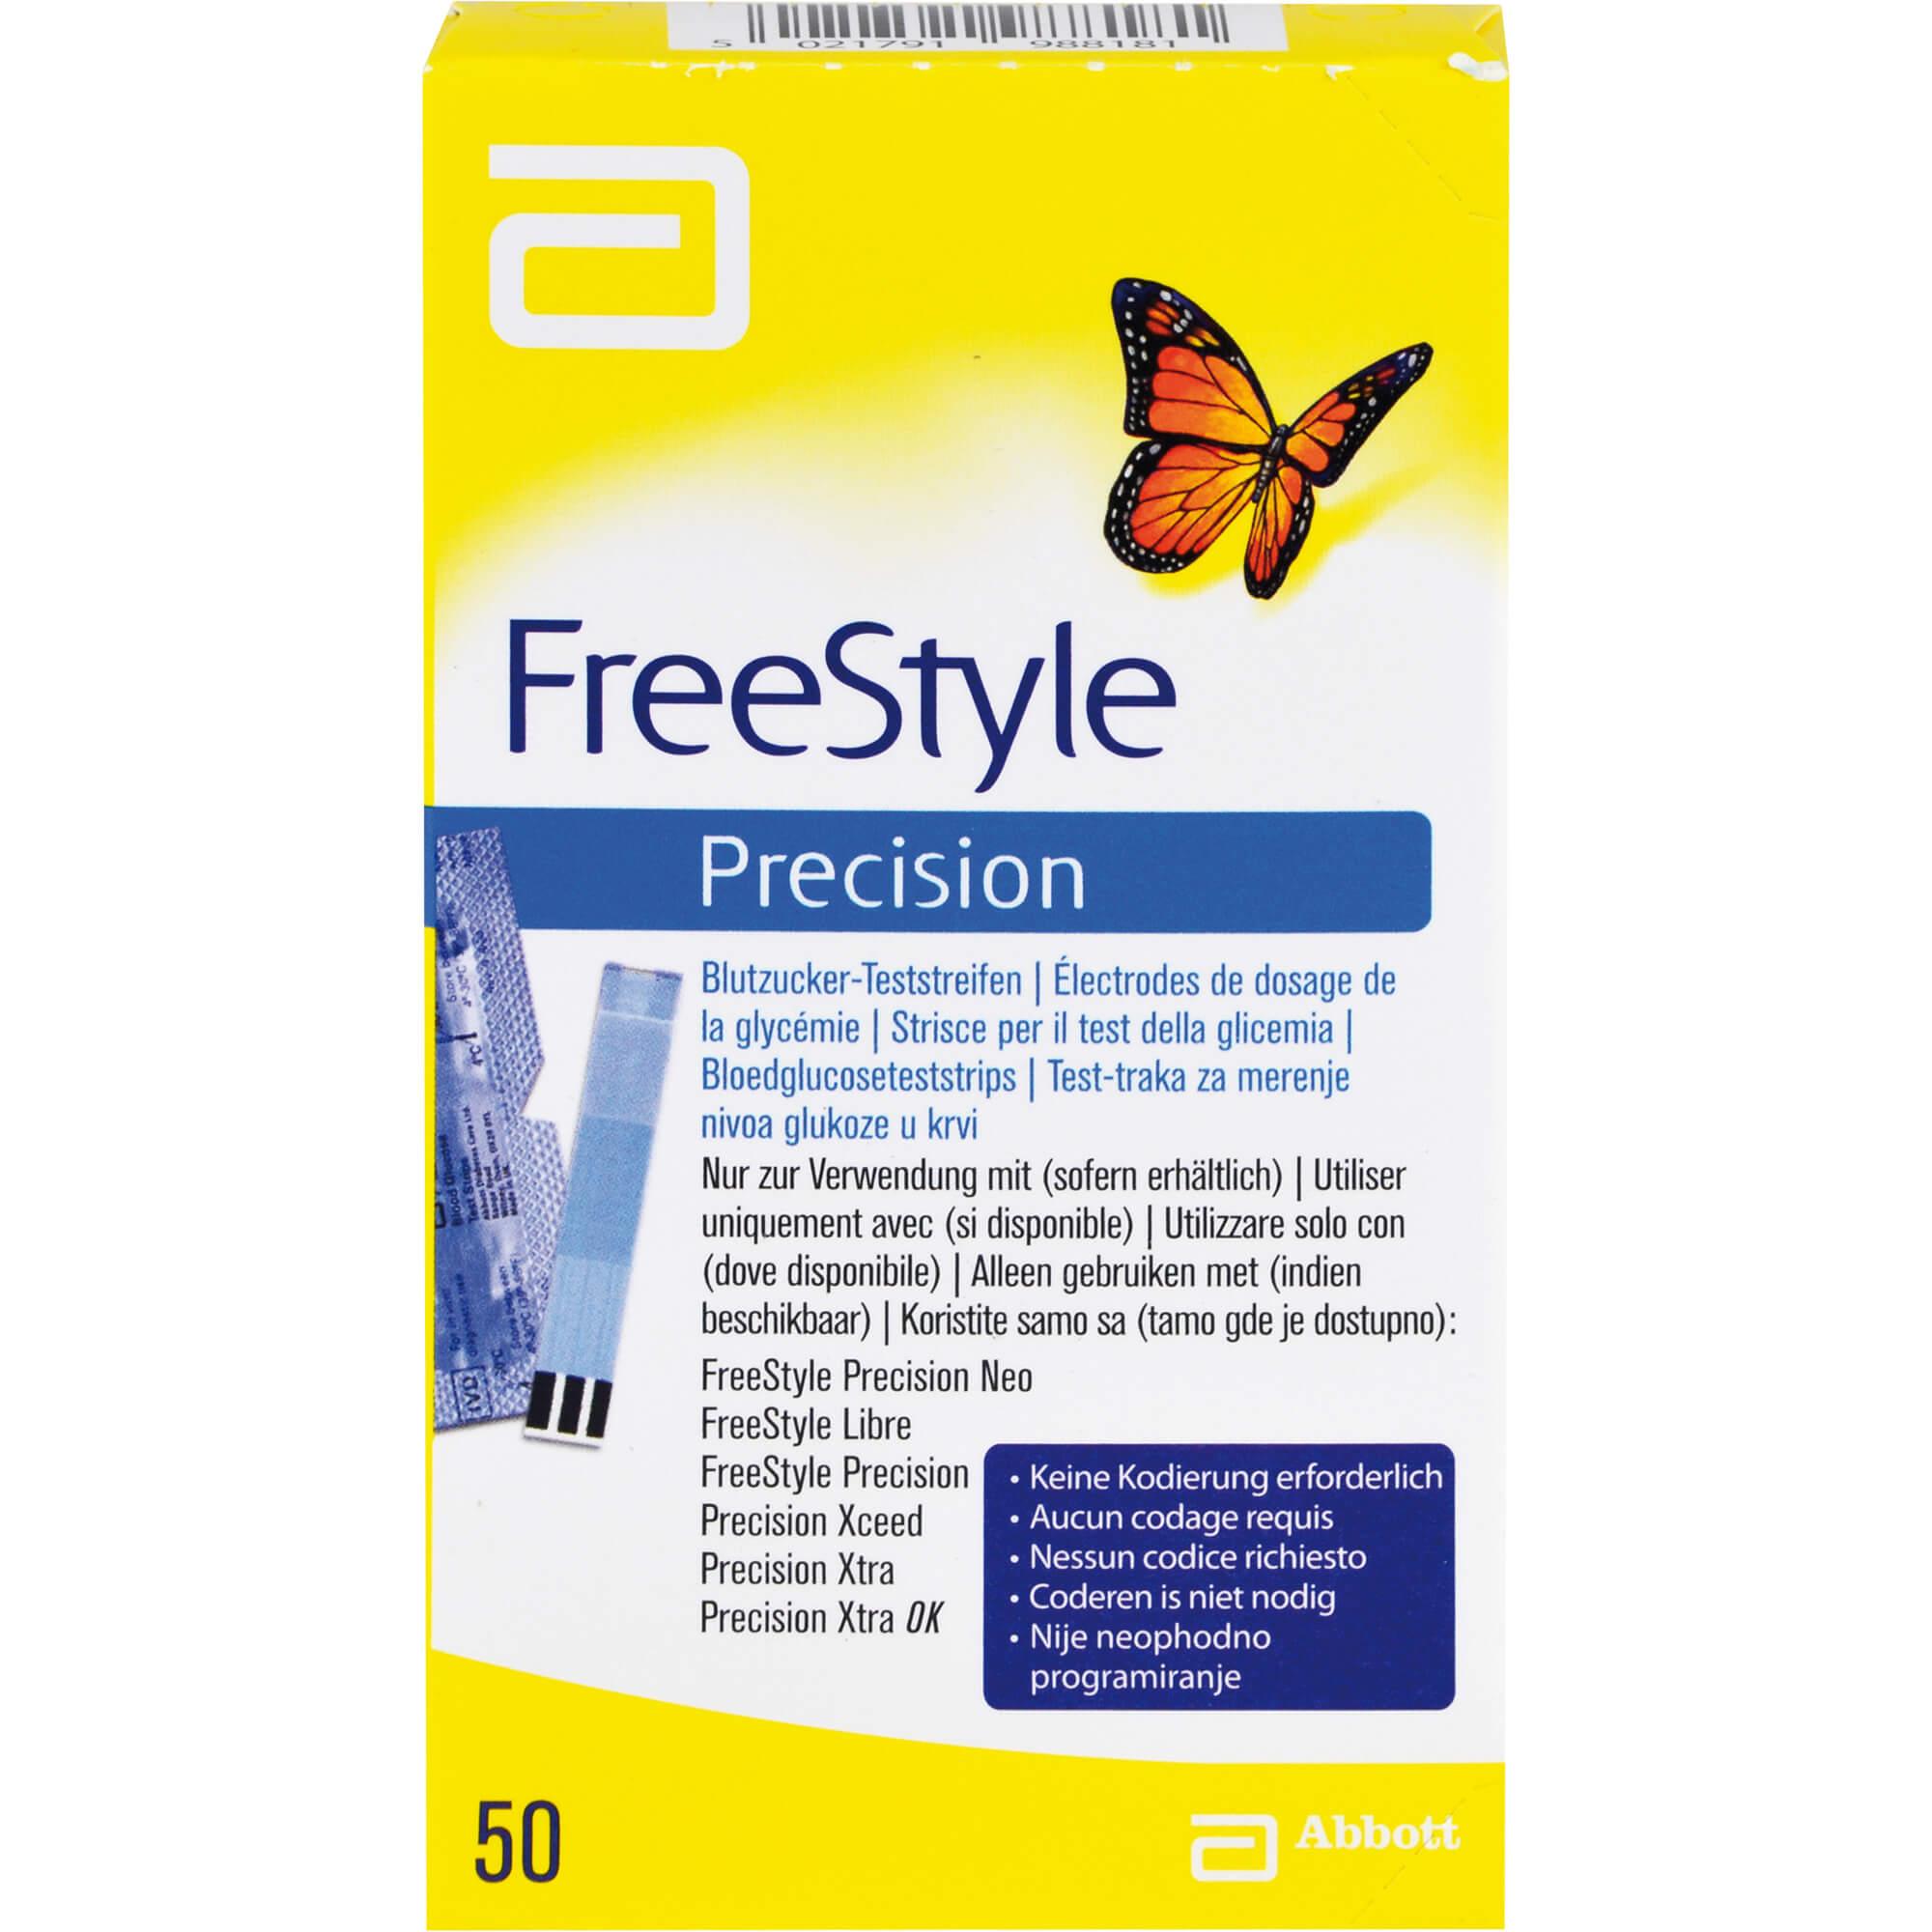 FREESTYLE-Precision-Blutzucker-Teststr-o-Codierung